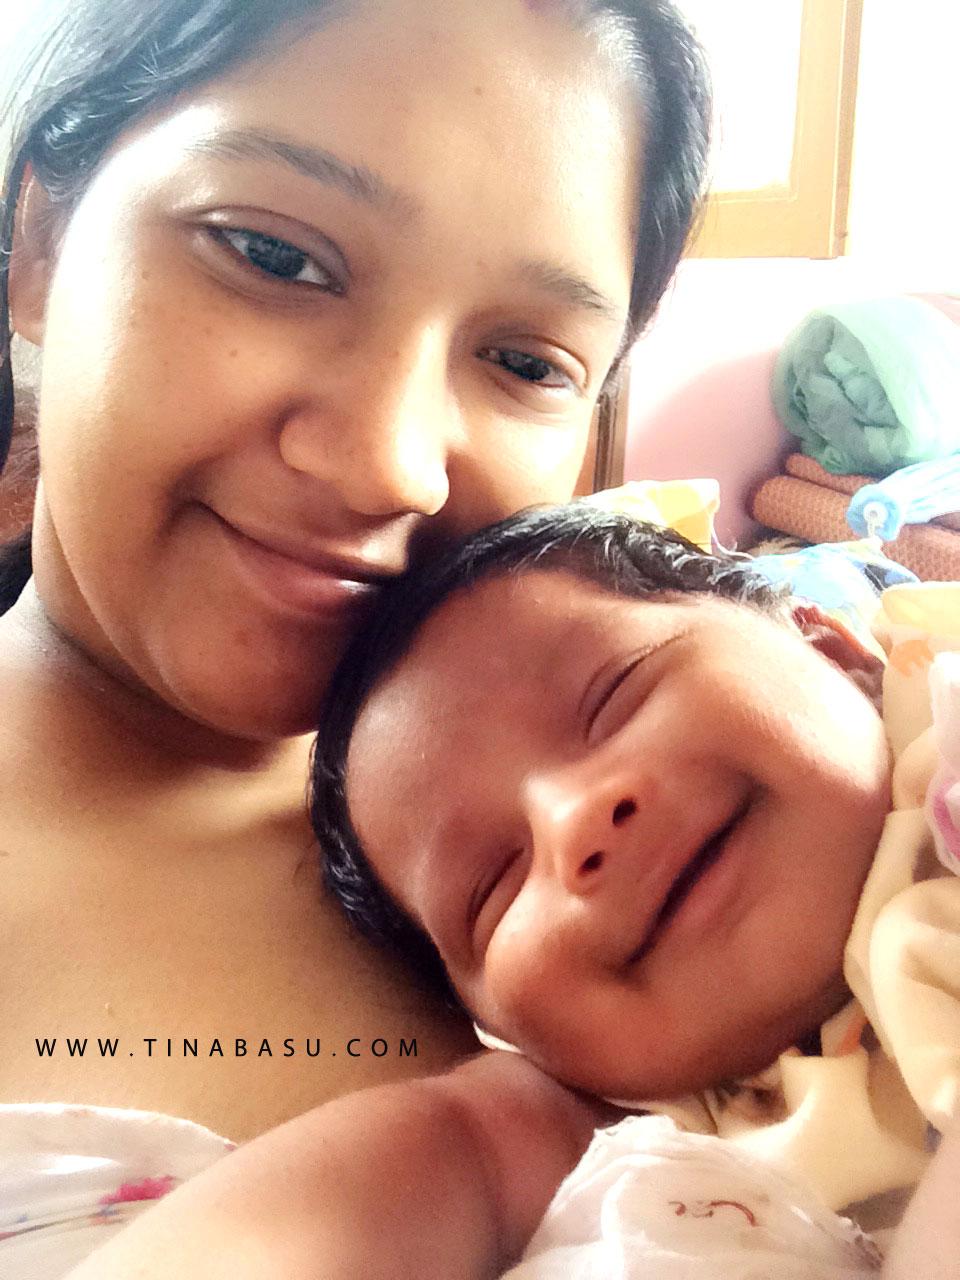 mommy-son-moment-tina-basu2